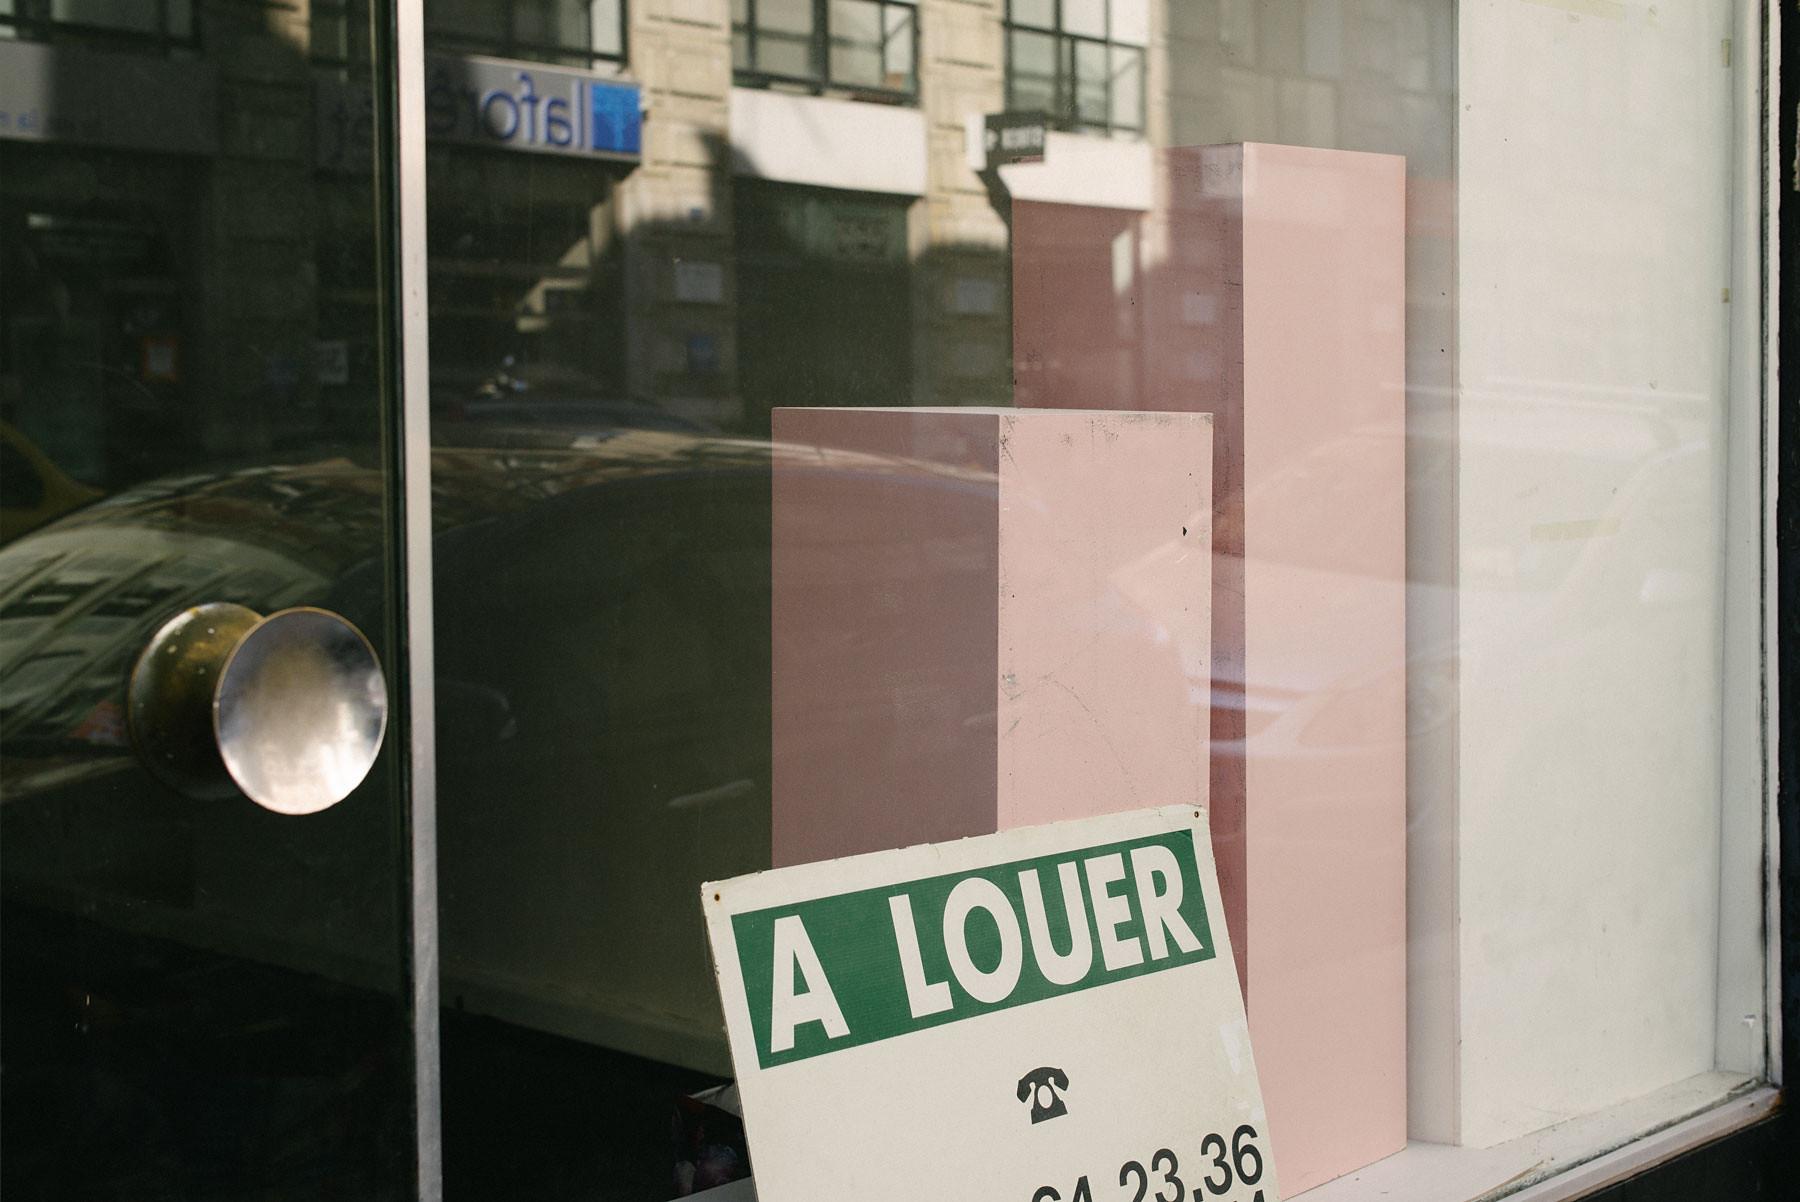 Laurent Delhourme - French street photographer - une photo couleur d'une vitrine avec des cubes blancs et roses dans une rue de paris